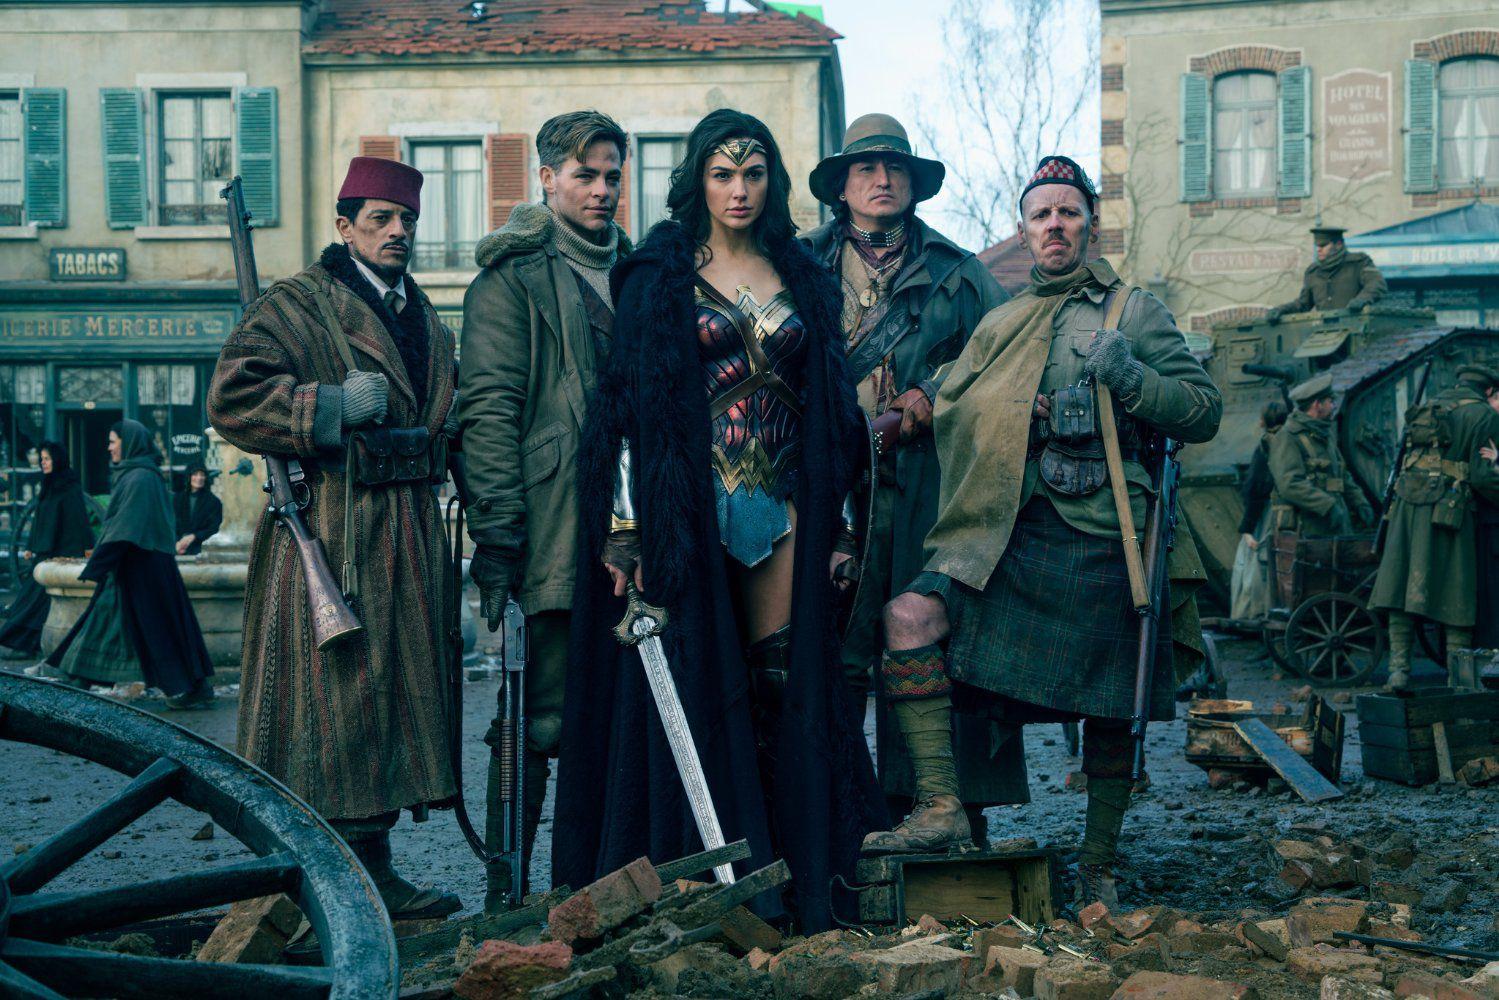 Top 10 phim khoa học viễn tưởng hay nhất Hollywood 2017 - Phim Mỹ (5)